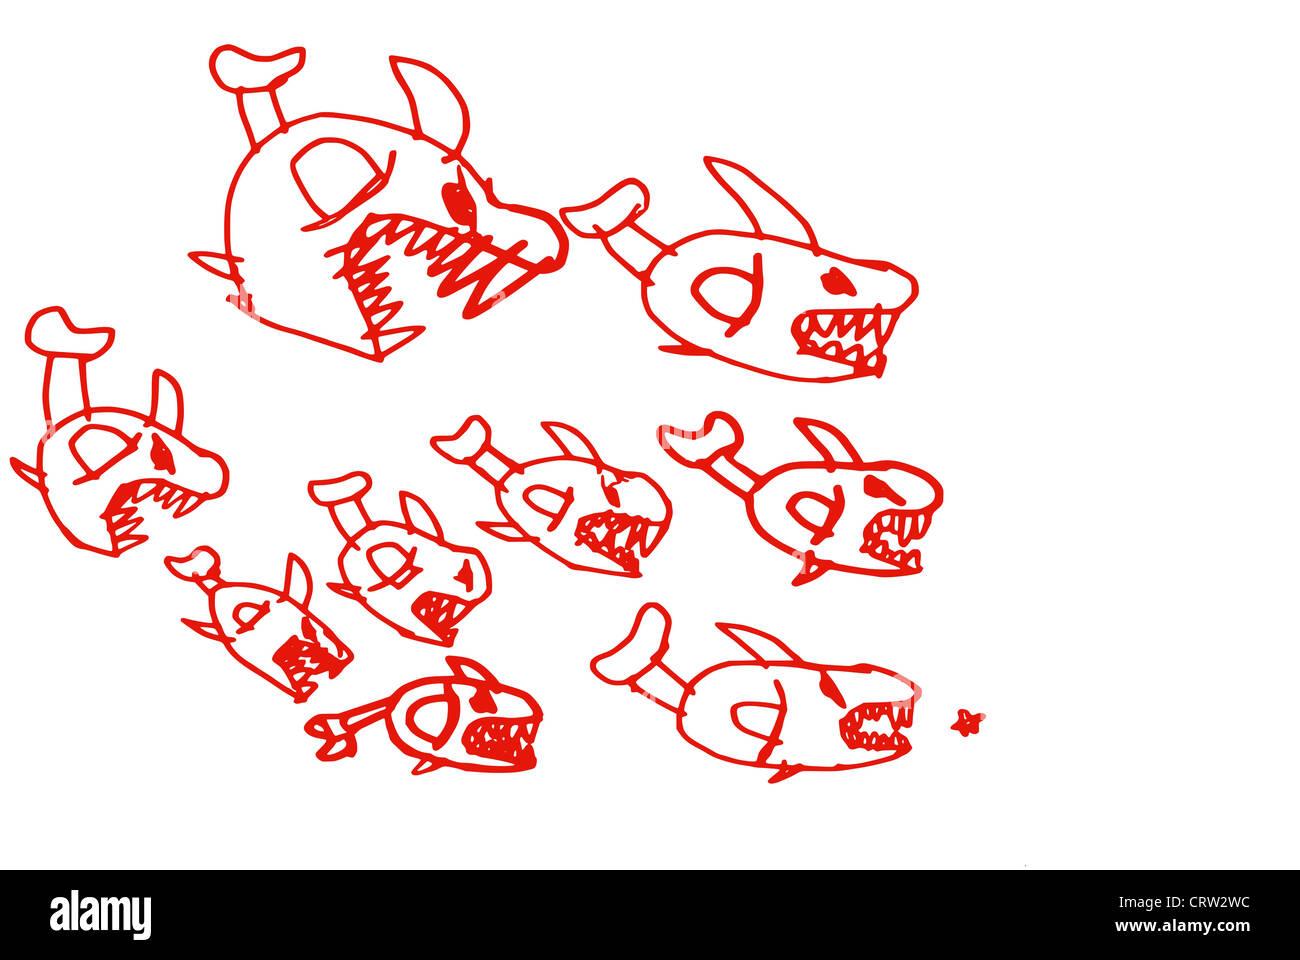 Pirhanhas pursue a mouse - Stock Image